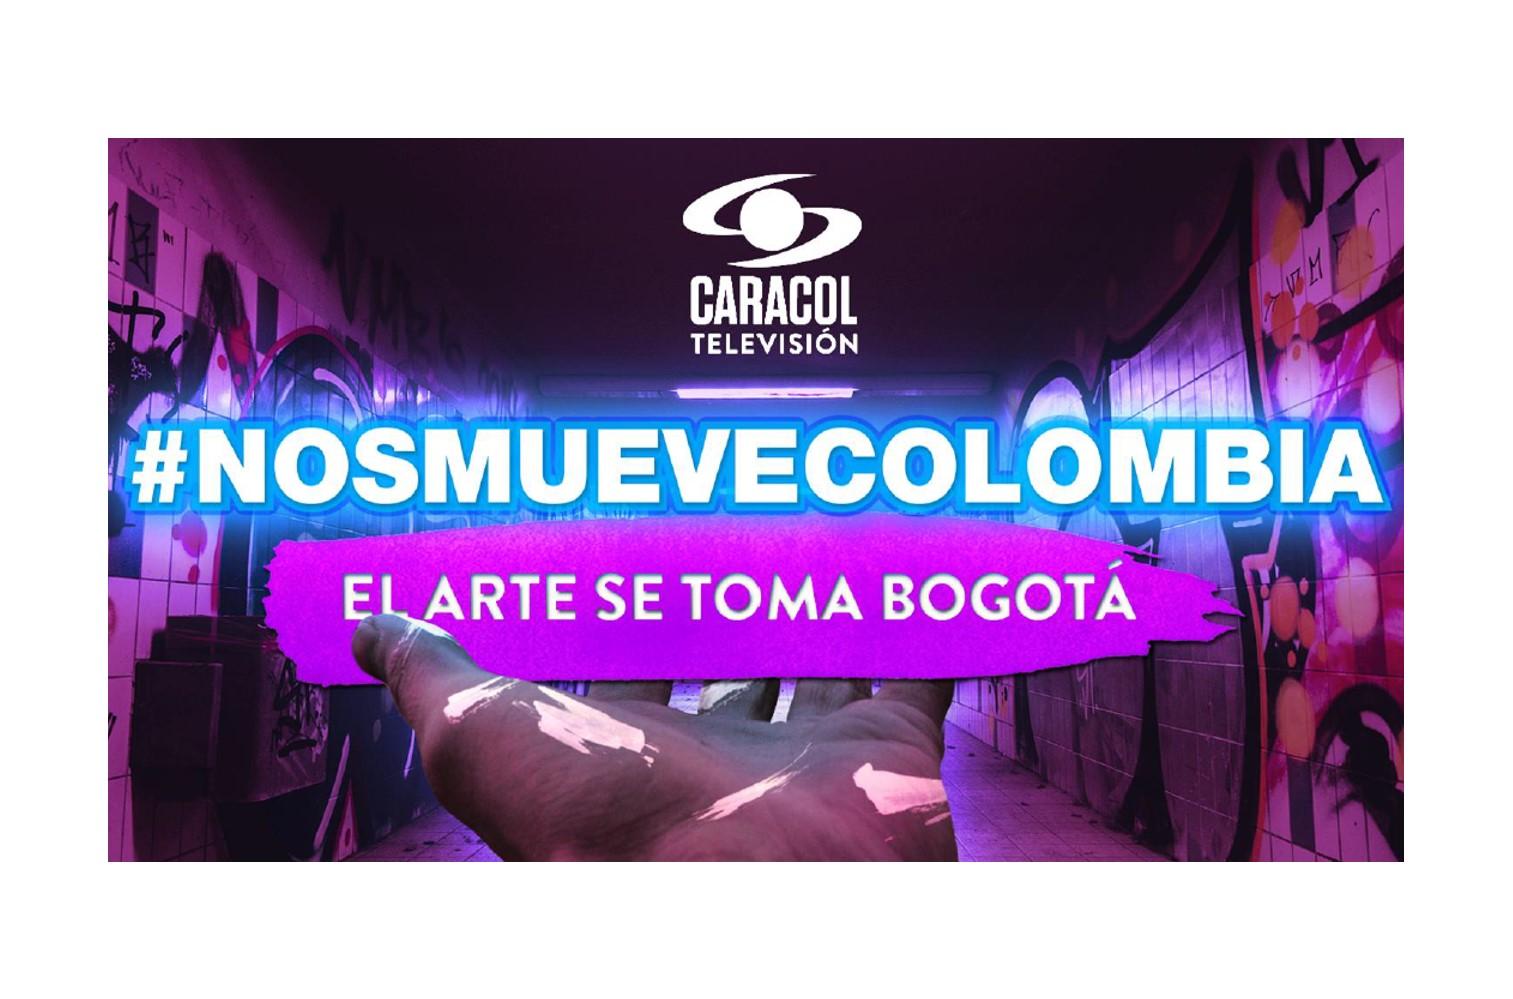 La campaña de Caracol Televisión #NosMueveColombia se toma Bogotá